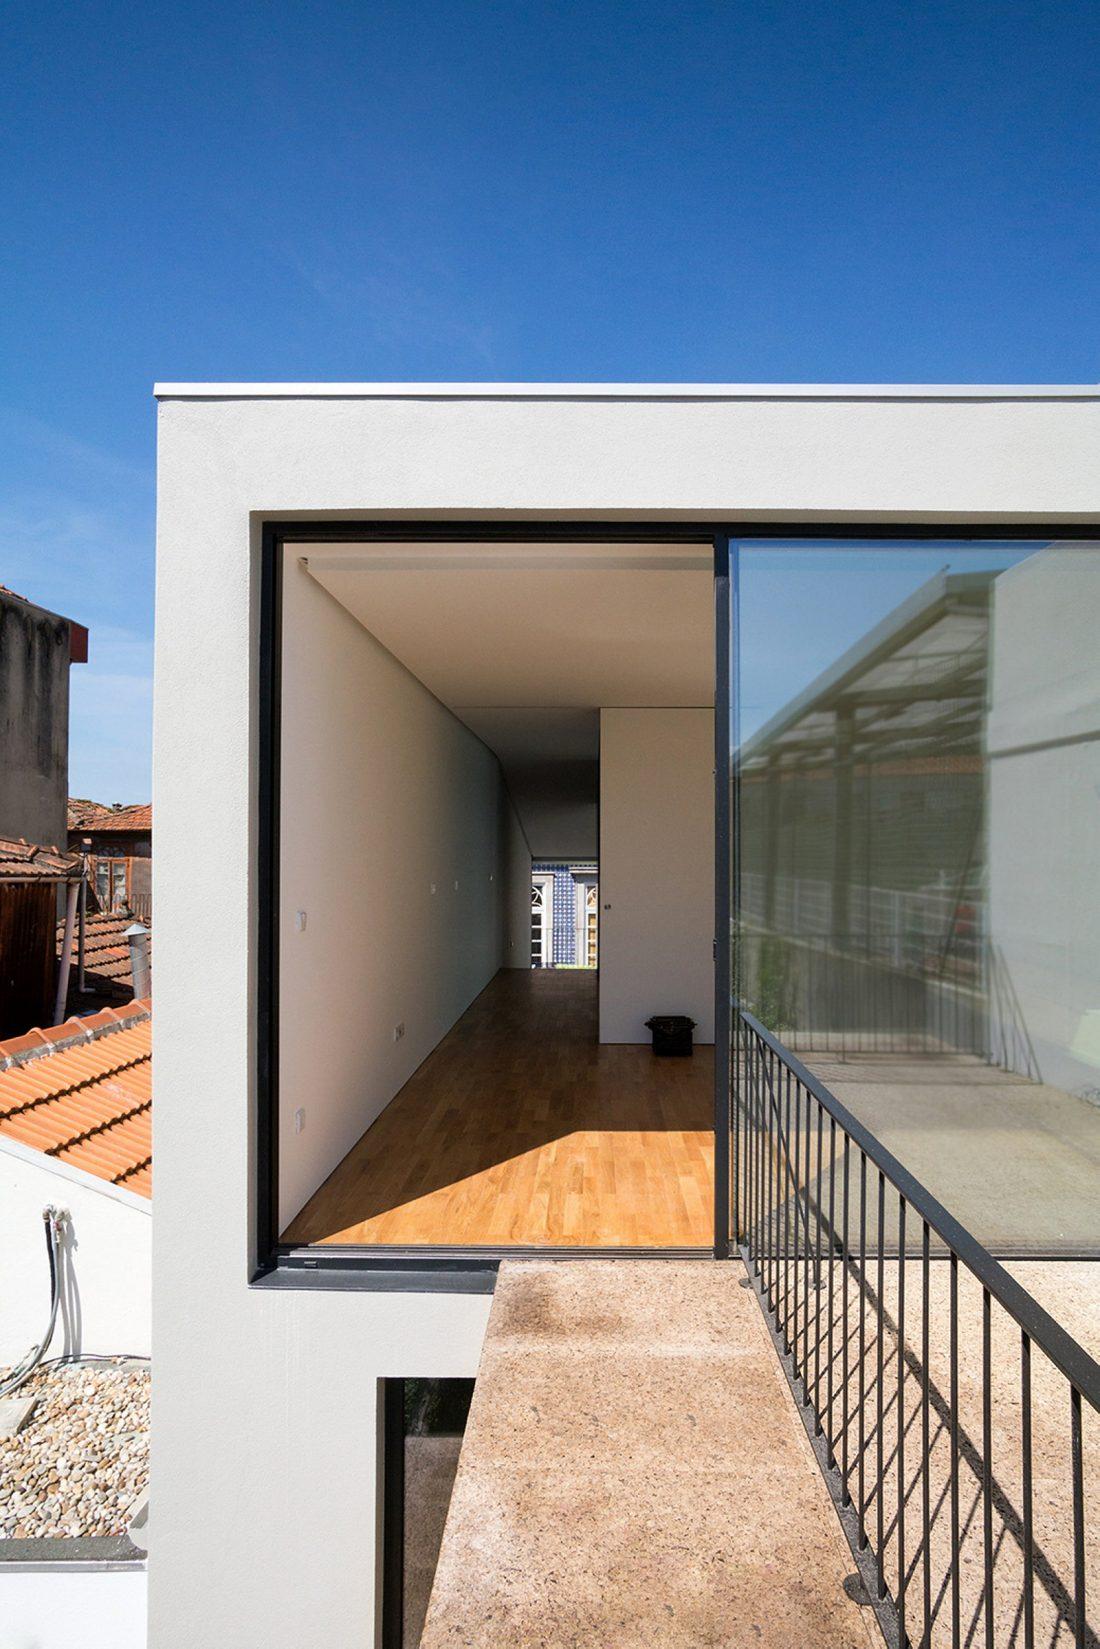 Реконструкция старинного дома Bonjardim House в Португалии по проекту ATKA arquitectos 2